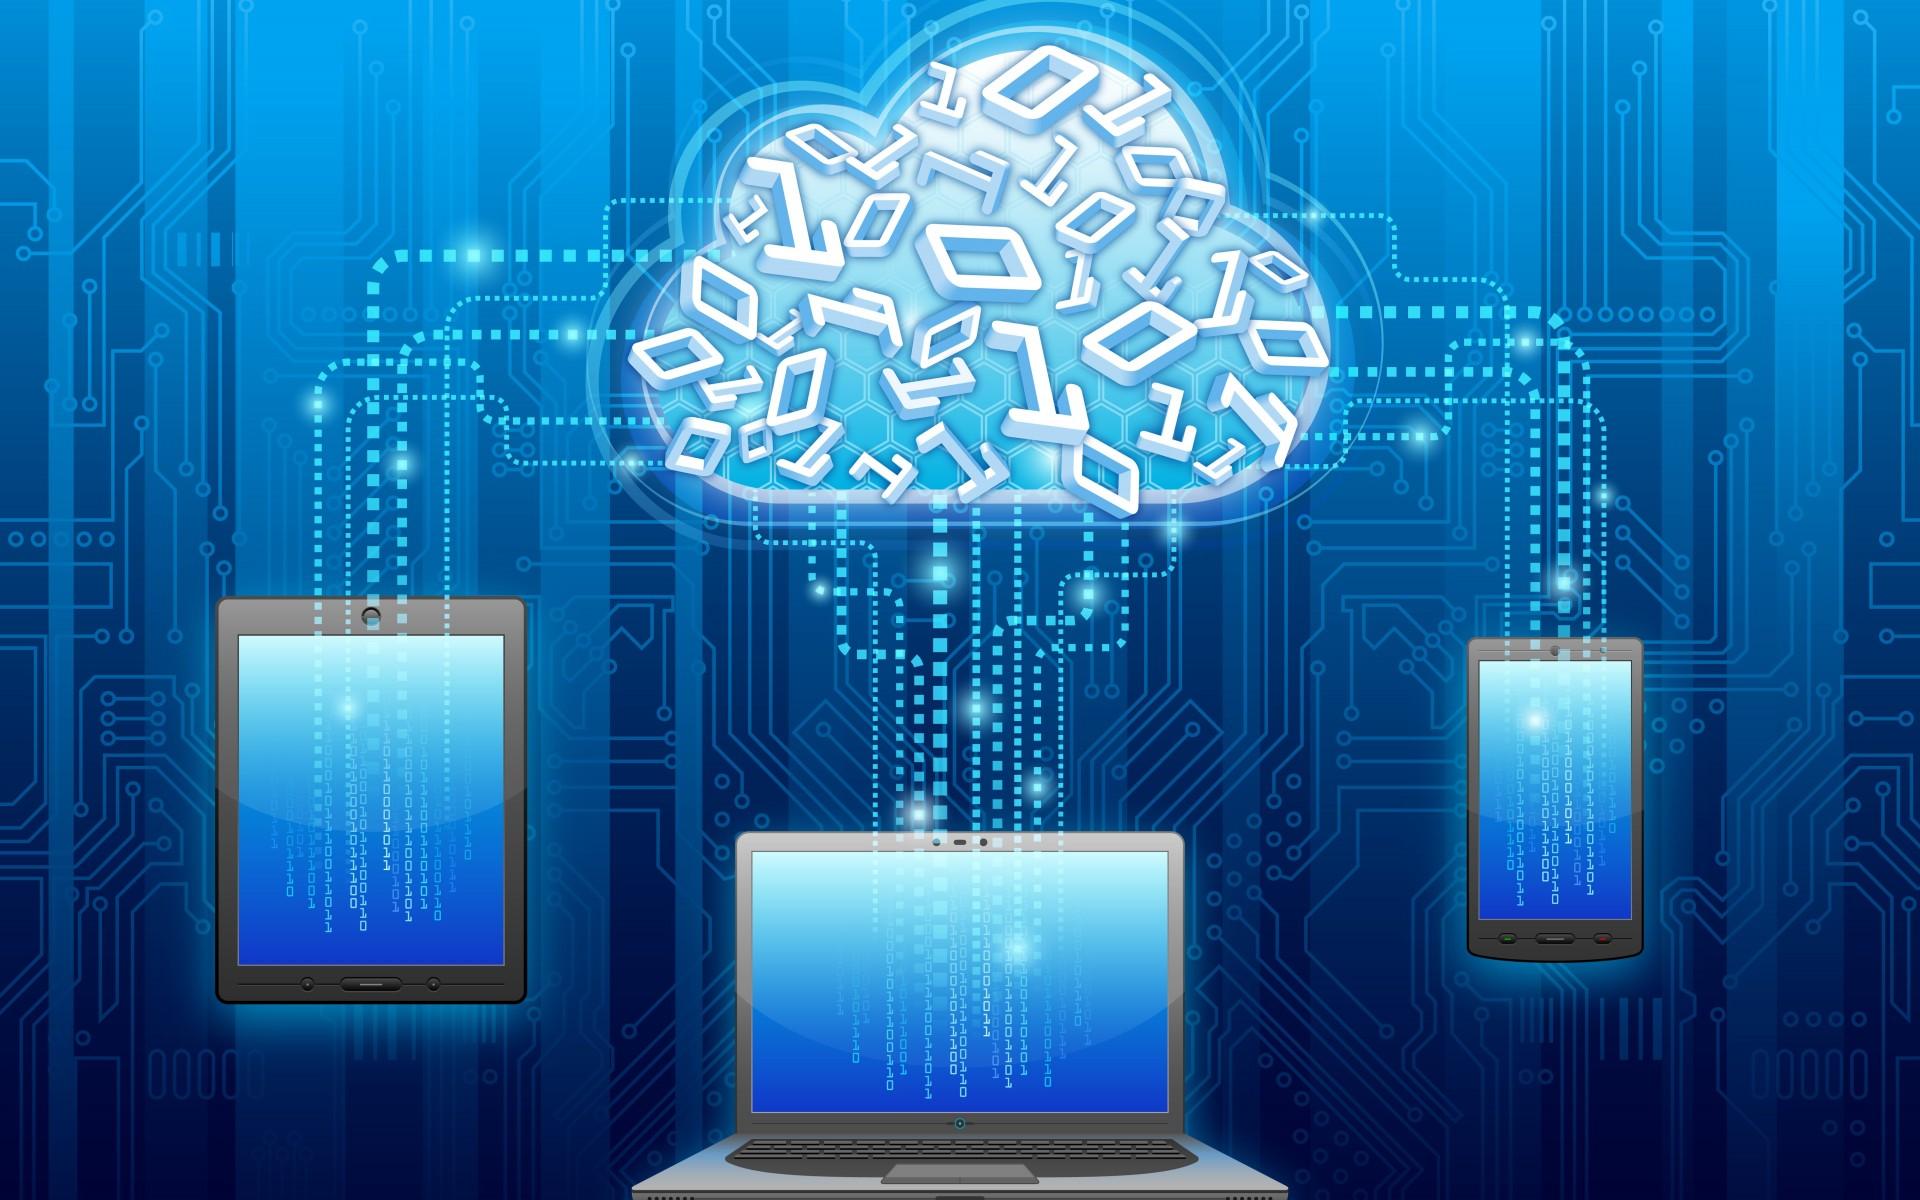 اوراق عمل درس الأجهزة الذكية مادة الحاسب الالي 2 نظام المقررات 1441